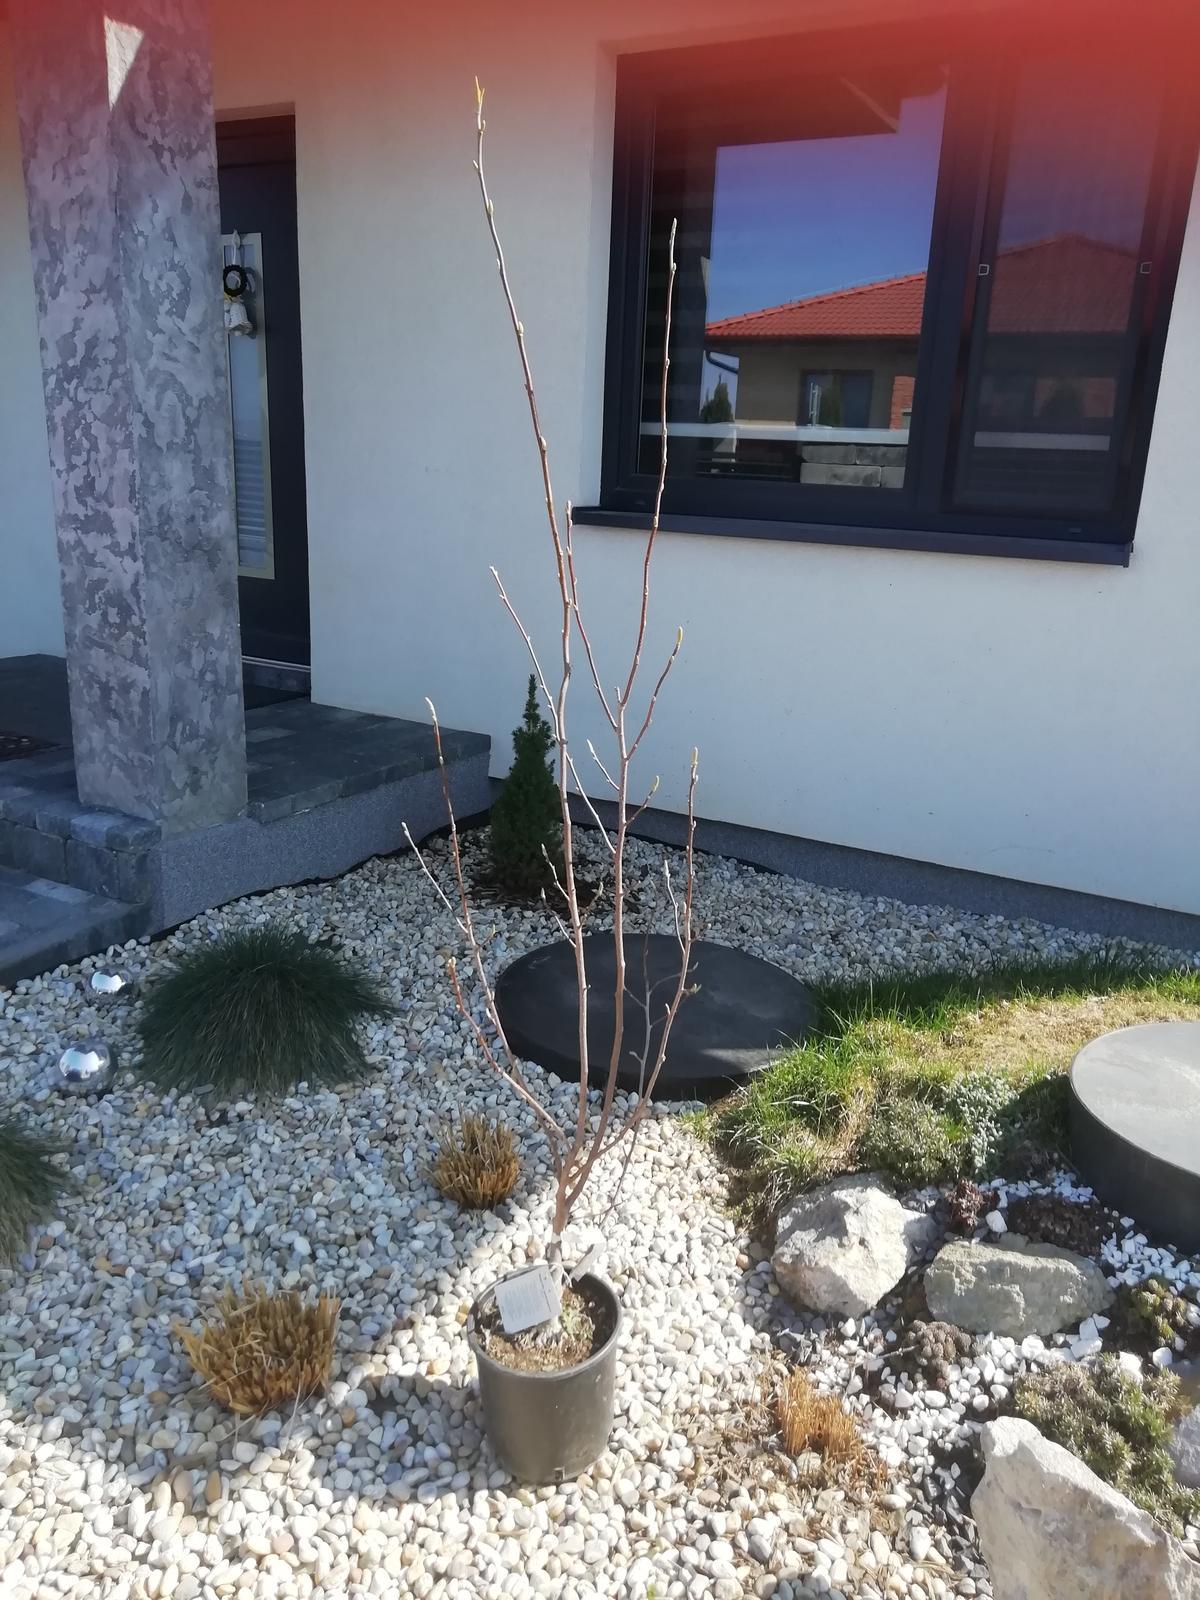 Záhradka 2019/20 bývame 4 a 5 rok :-) - Magnólia dnes kúpená